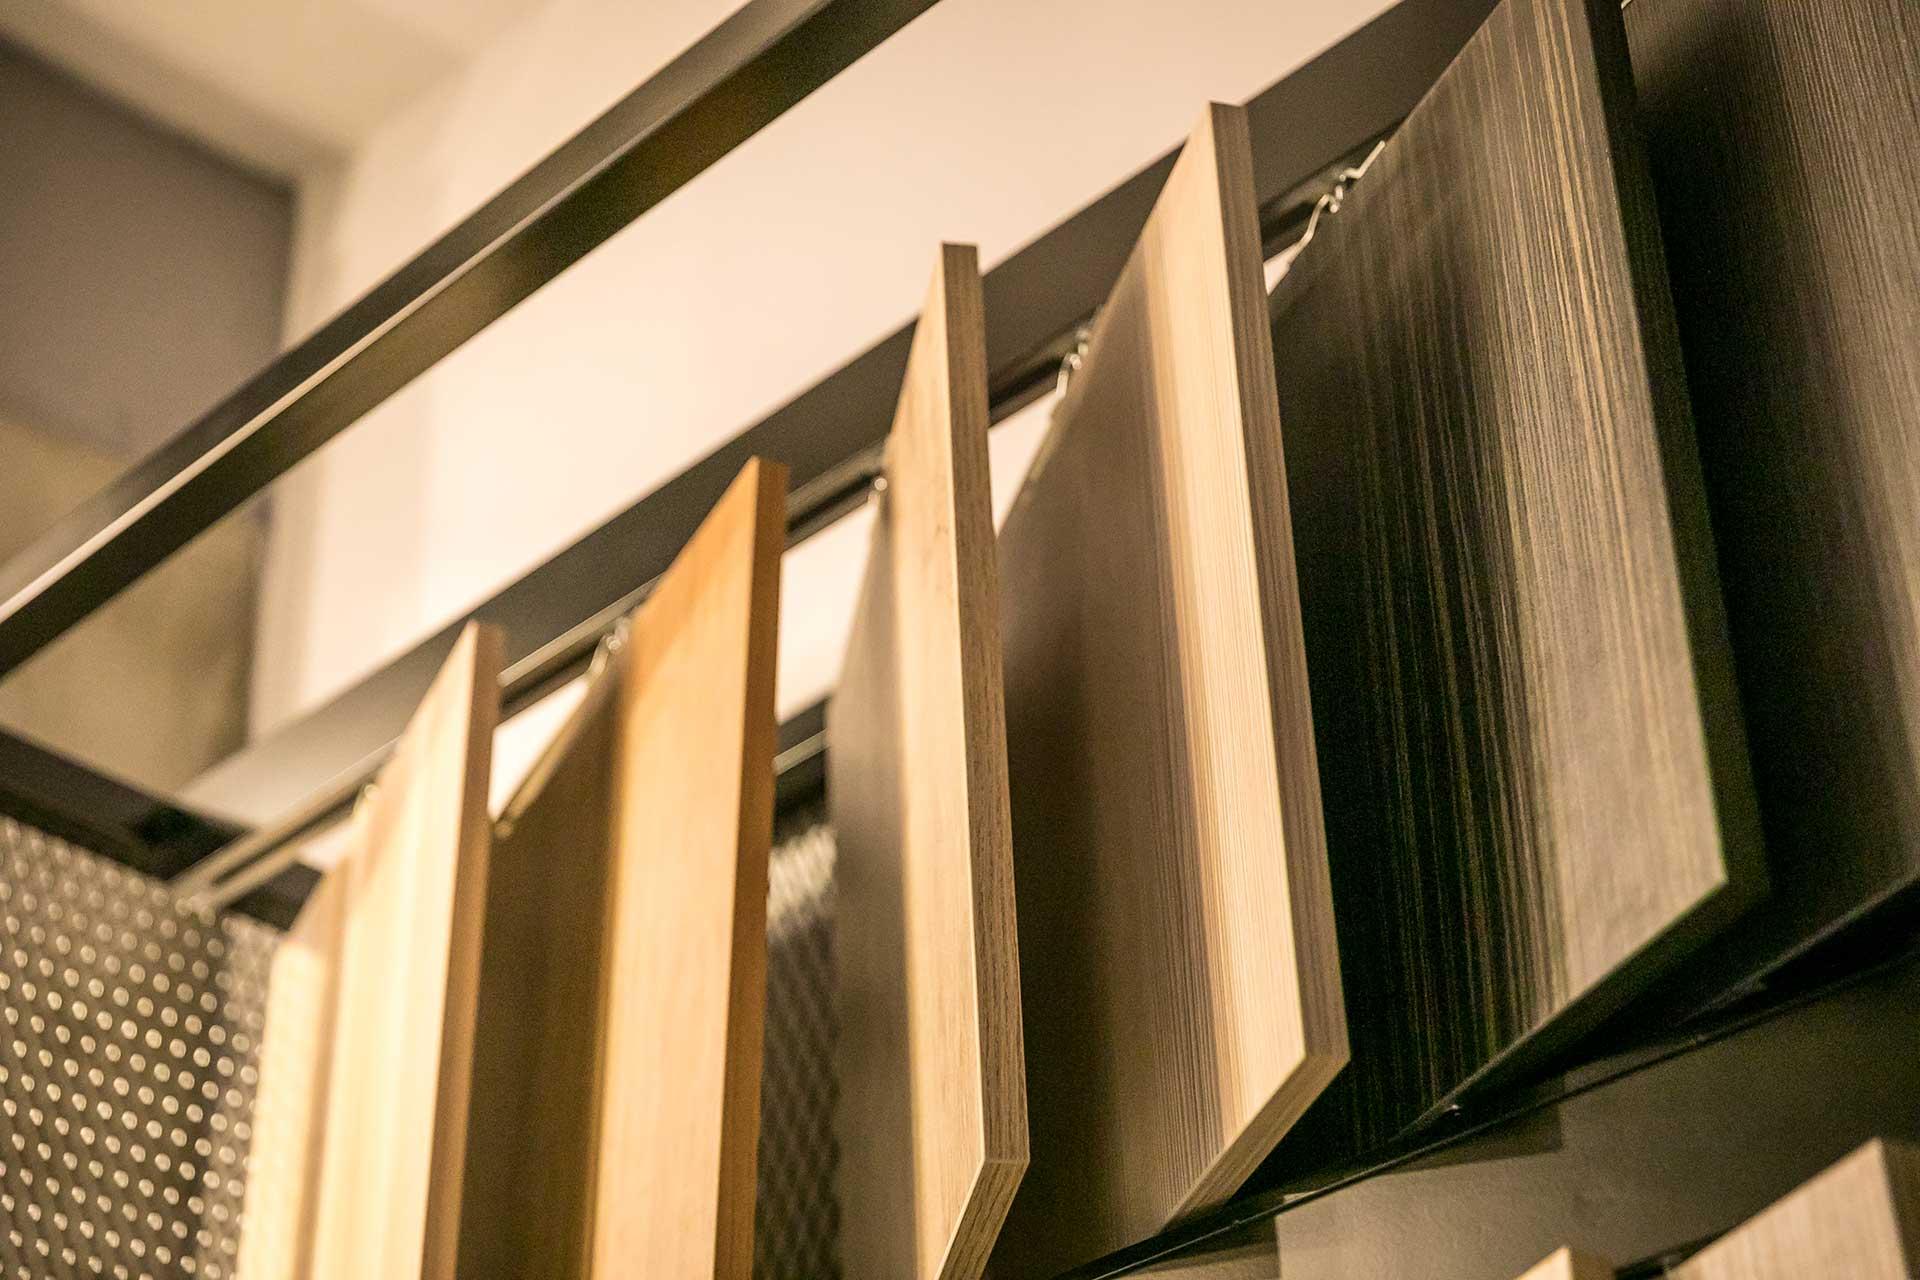 系統板材以吊掛方式收納,整齊好翻閱,不會東倒西歪